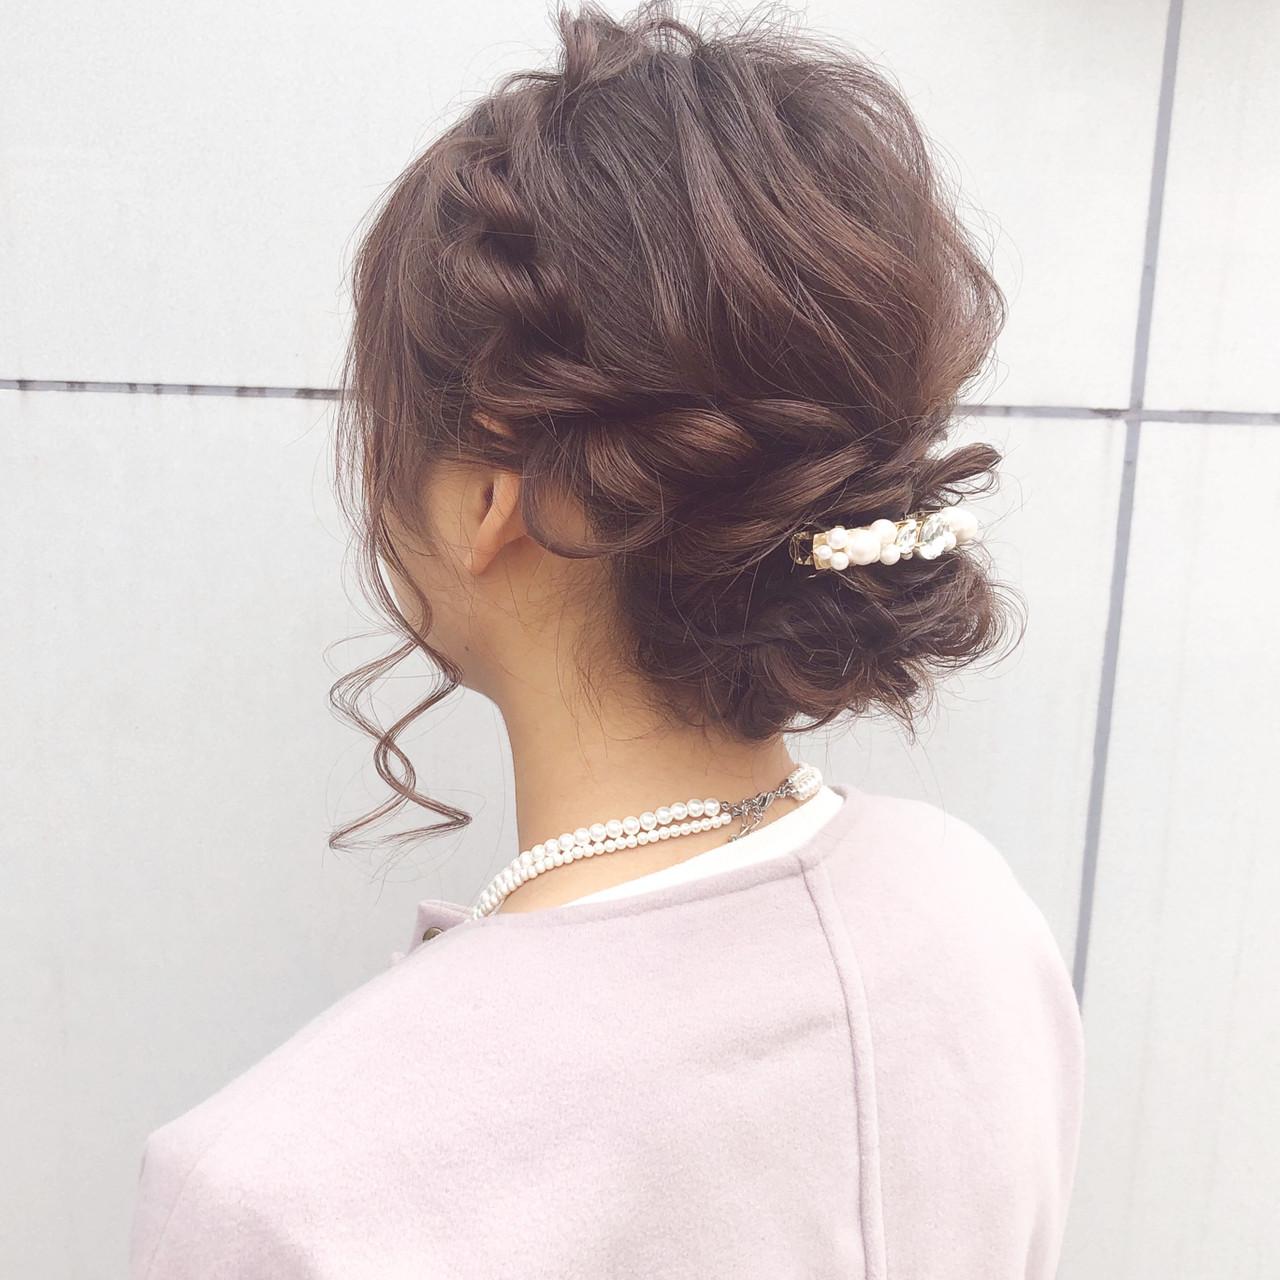 セミロング デート 結婚式 ヘアアレンジ ヘアスタイルや髪型の写真・画像 | 『ボブ美容師』永田邦彦 表参道 / send by HAIR